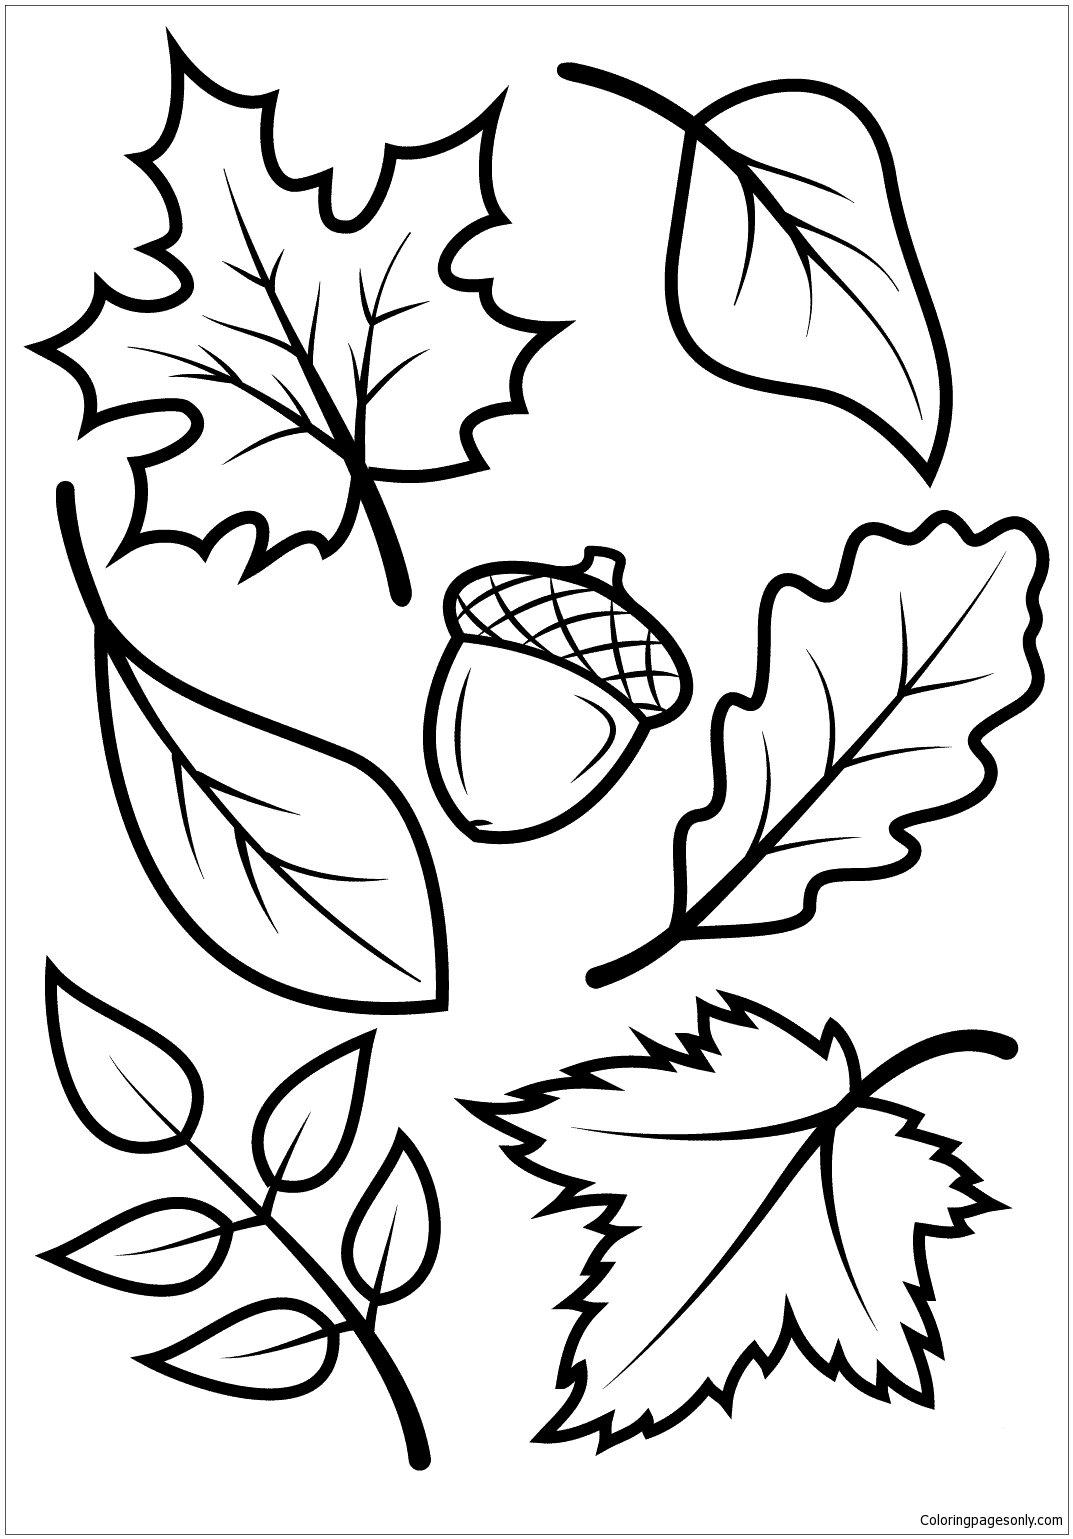 Картинка трафареты осенних листьев